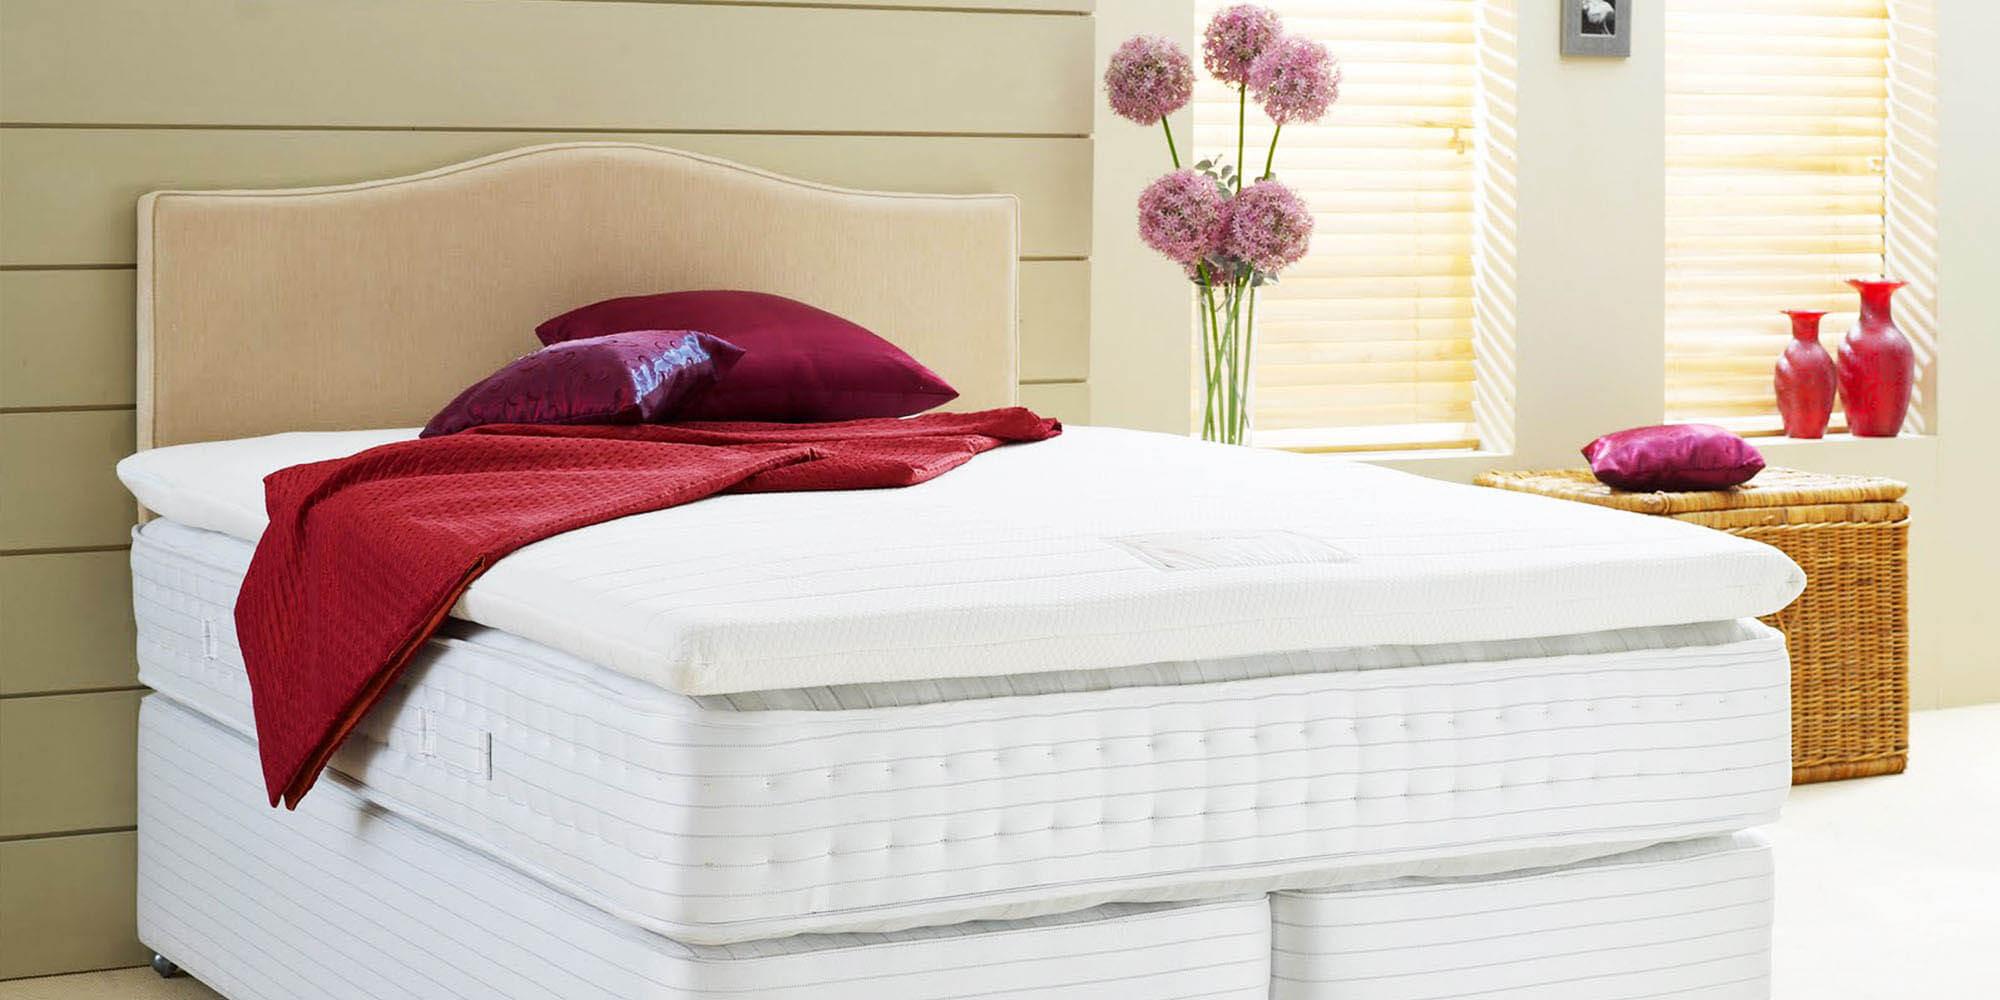 Сколько стоит матрас на двуспальную кровать аскона в